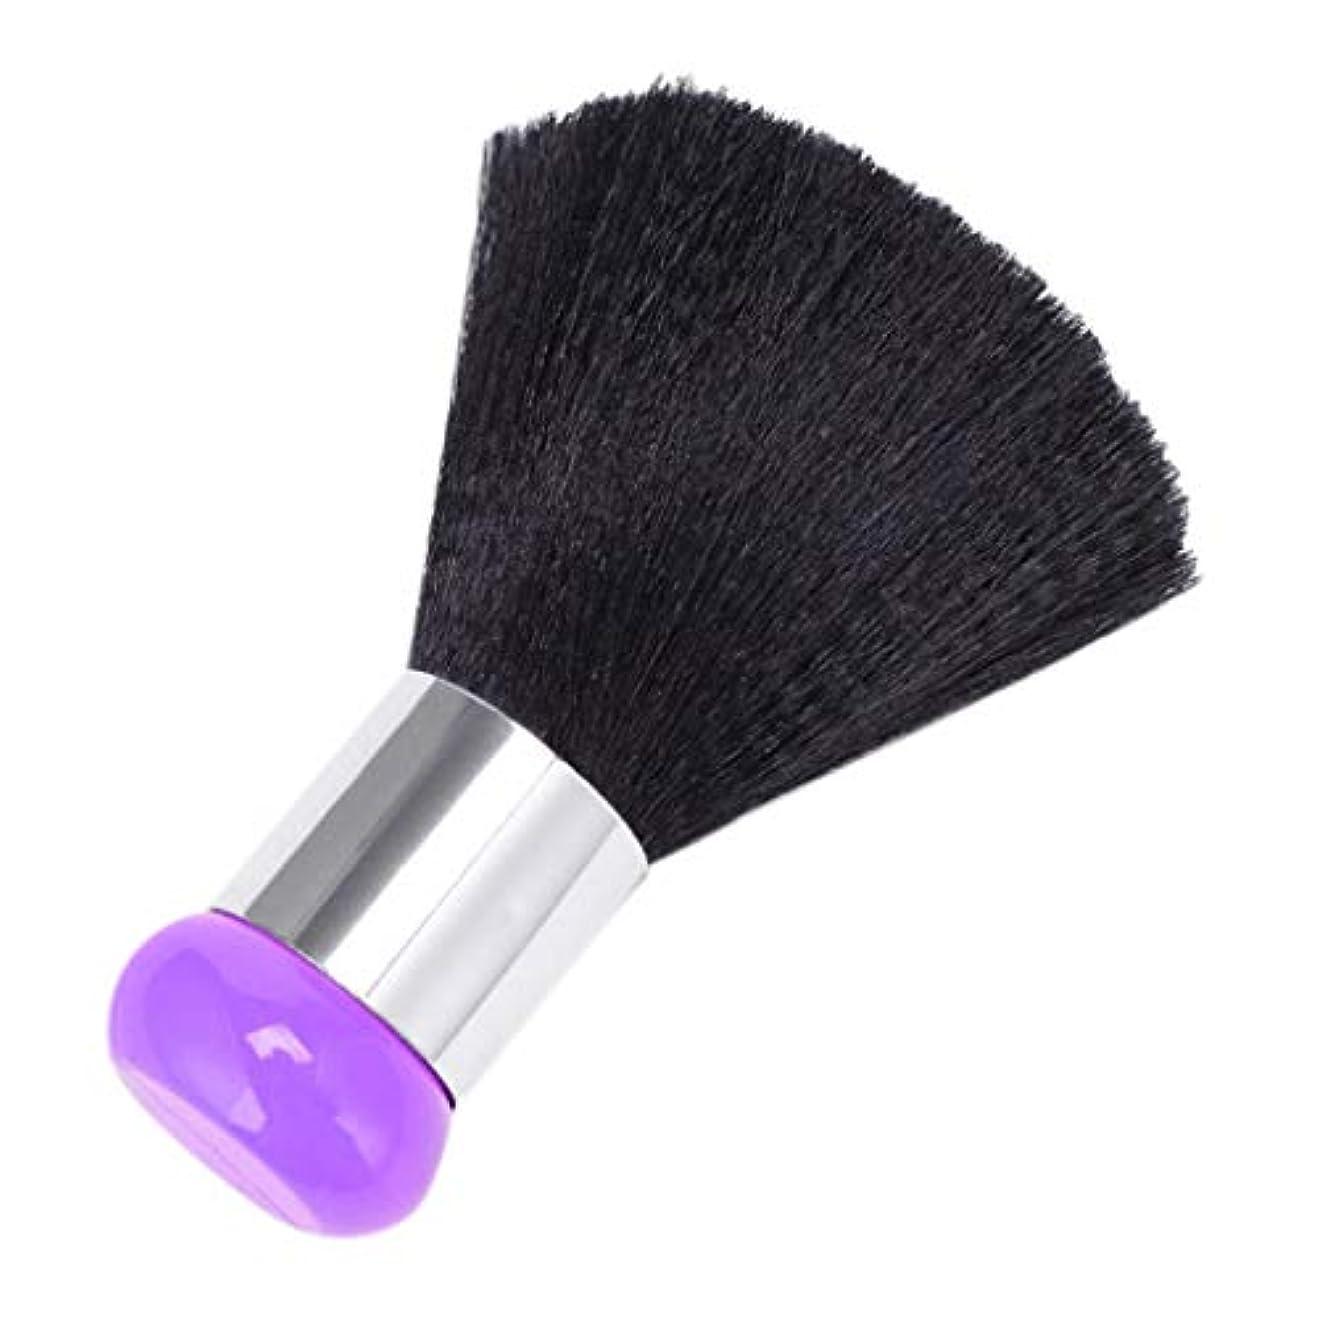 ビート警告する発掘するヘアカット ネックダスタークリーナー ヘアブラシ サロンツール 2色選べ - 紫